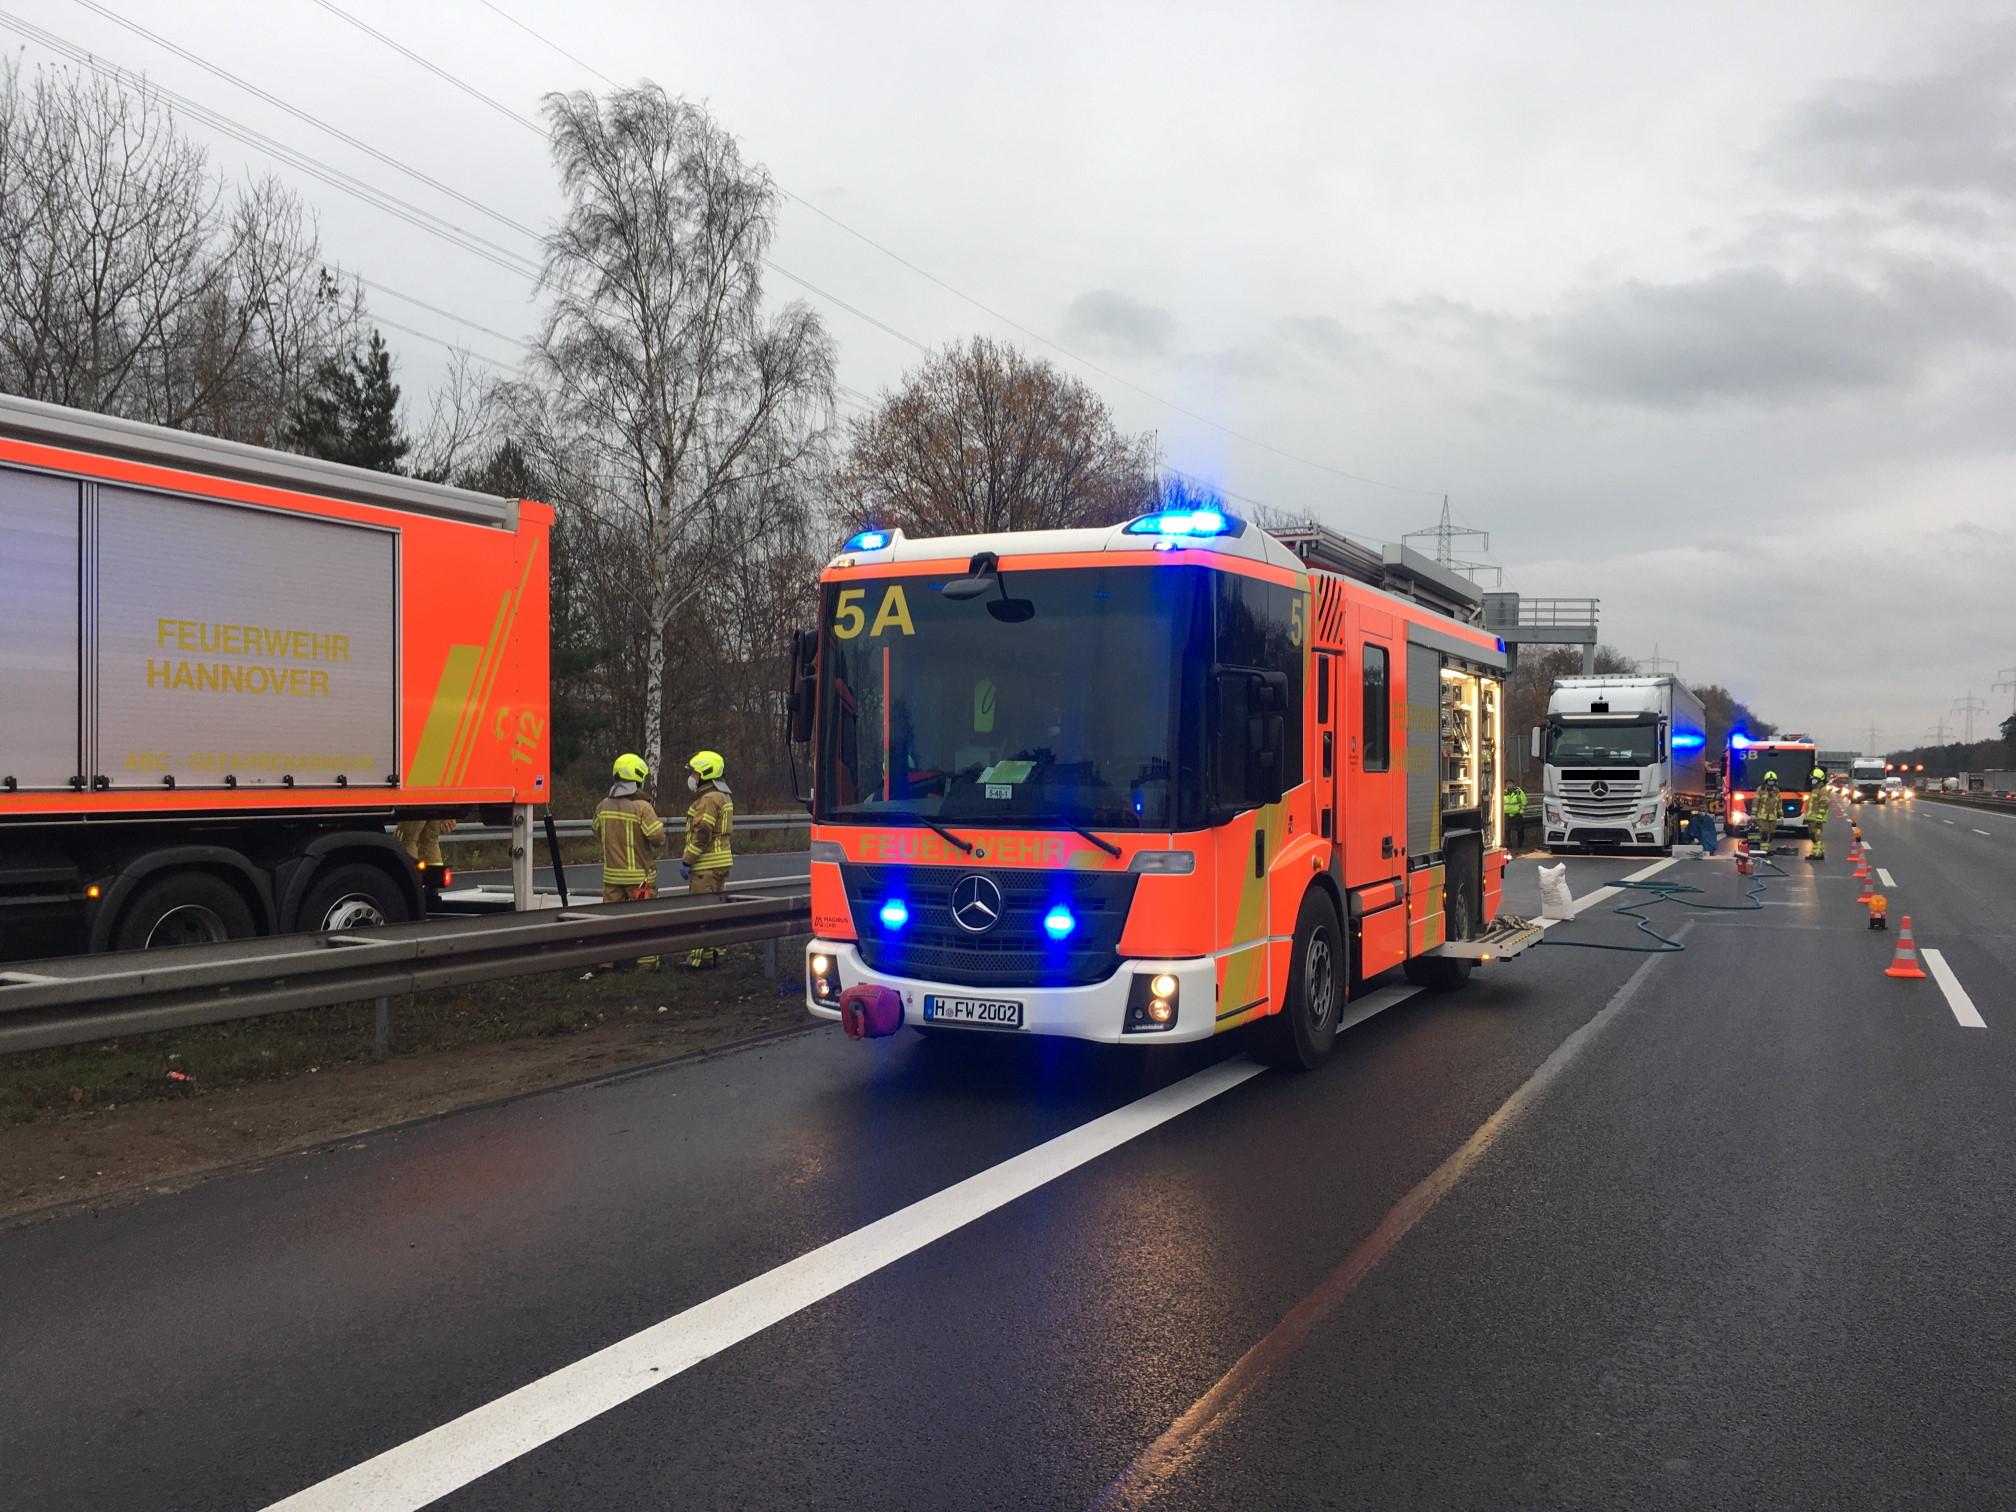 Feuerwehrautos auf der Autobahn